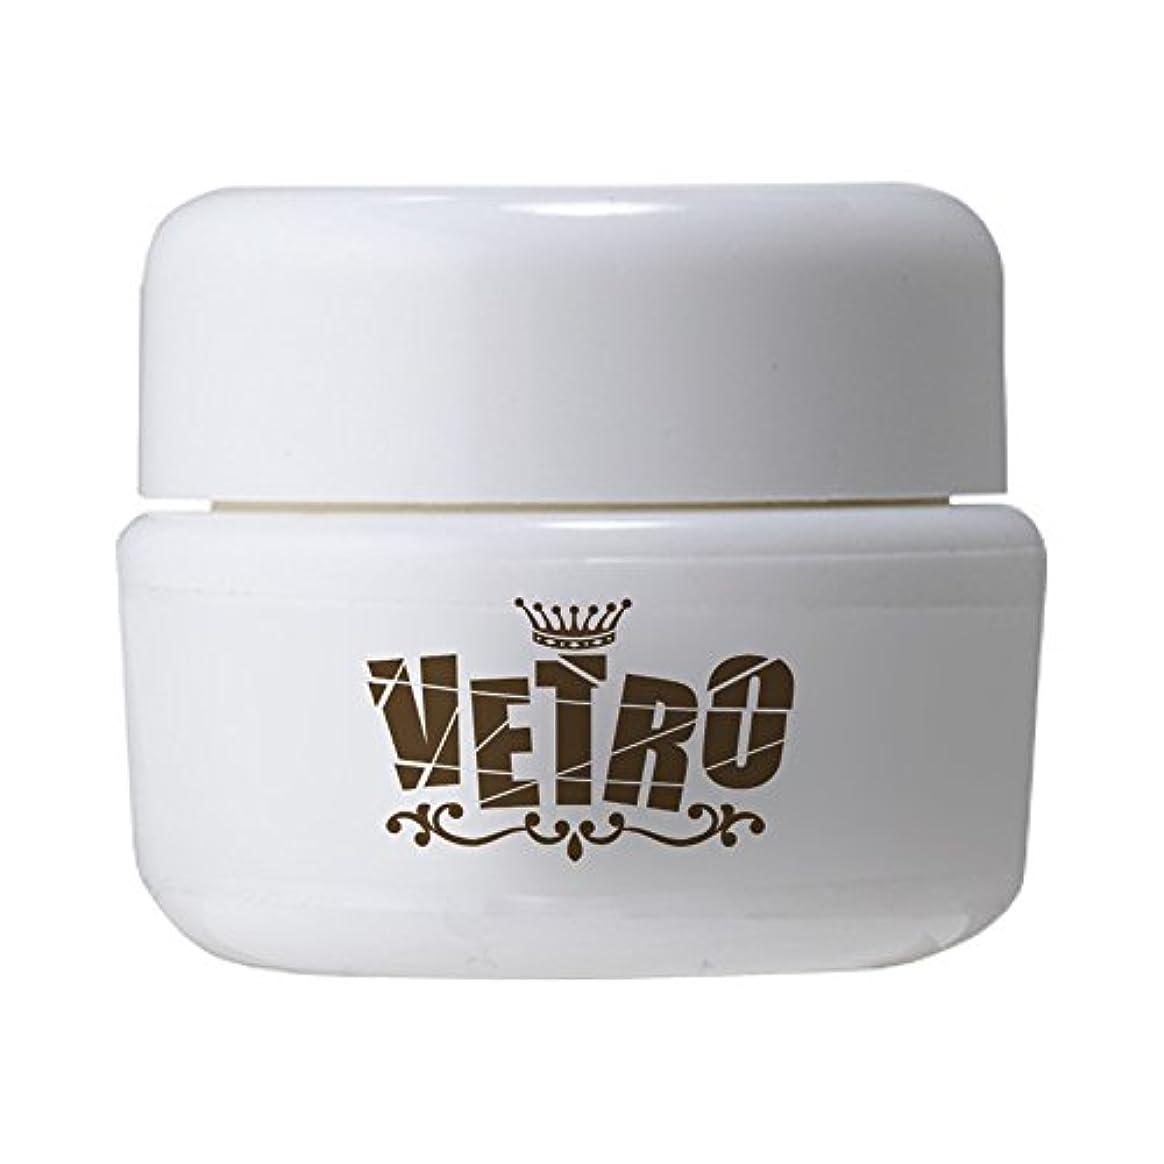 爆発する食品野心的VETRO No.19 カラージェル マット VL228 ミステリアスターコイズ 4ml